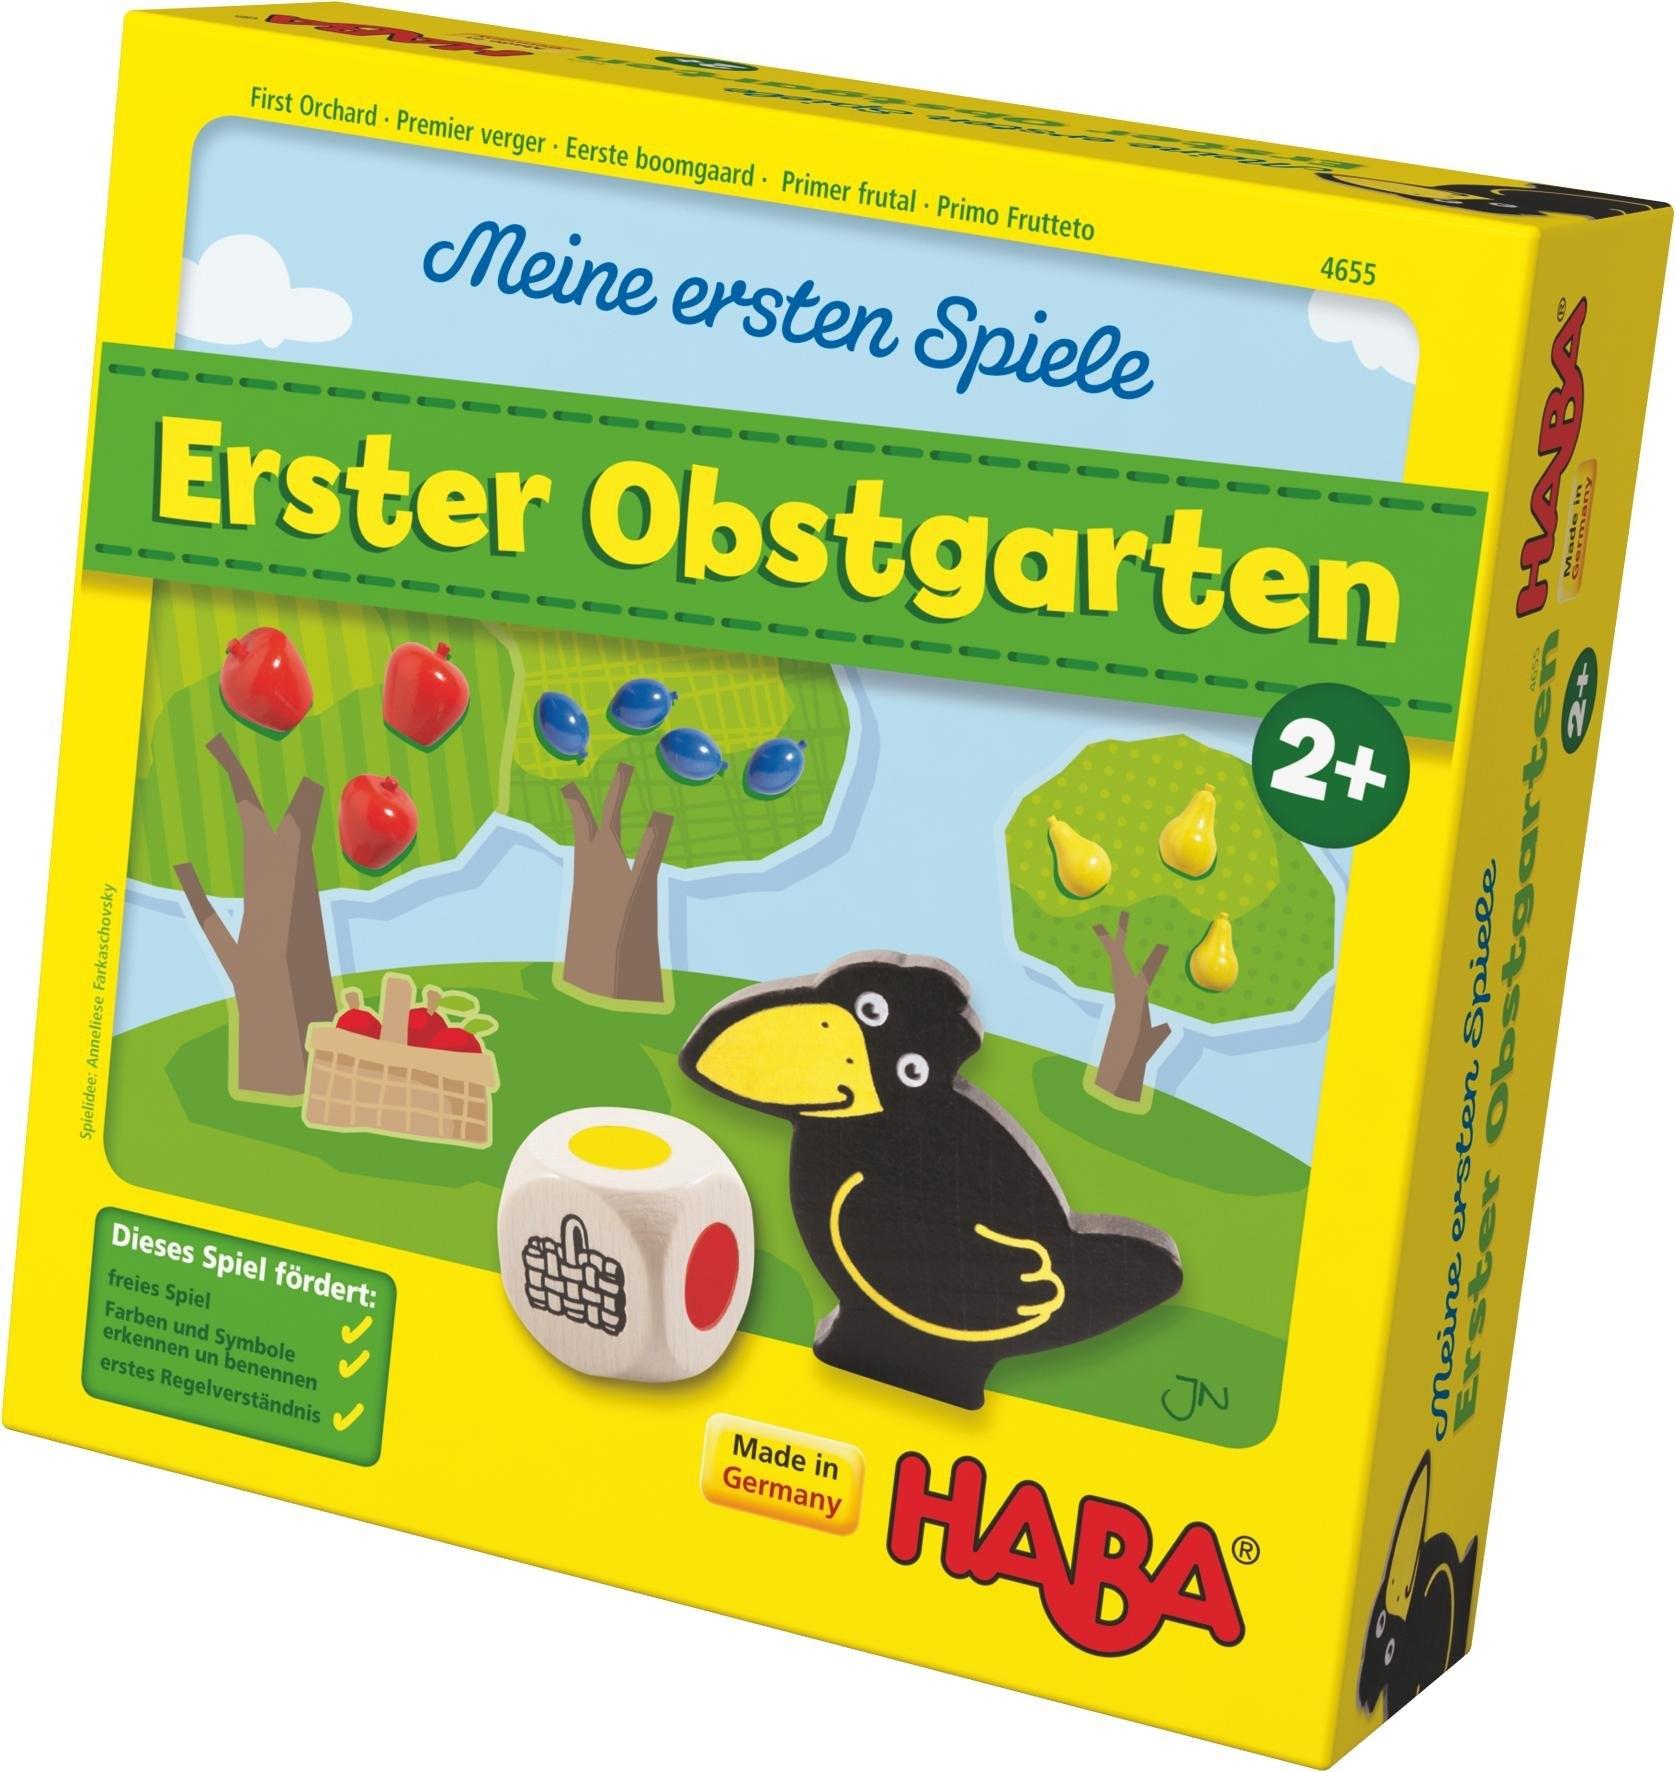 HABA ® kinderspel, »Meine ersten Spiele - Erster Obstgarten« - gratis ruilen op otto.nl